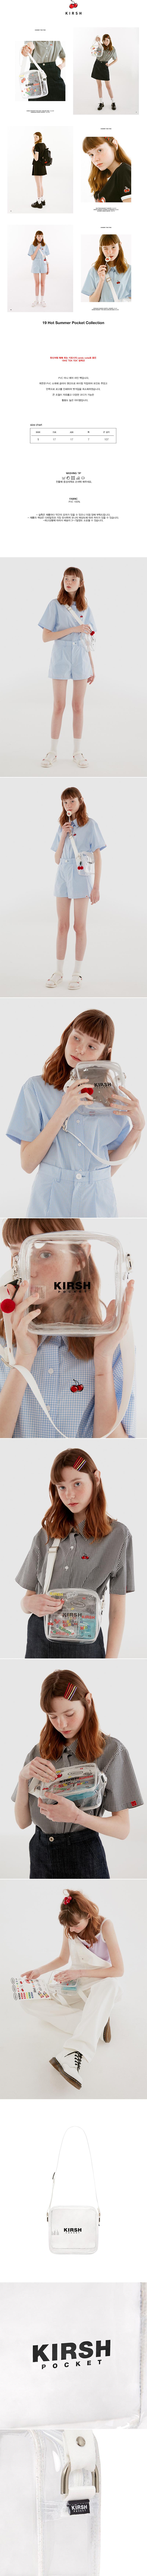 키르시 포켓(KIRSH POCKET) 키르시 포켓 PVC 미니 백 IH [클리어]